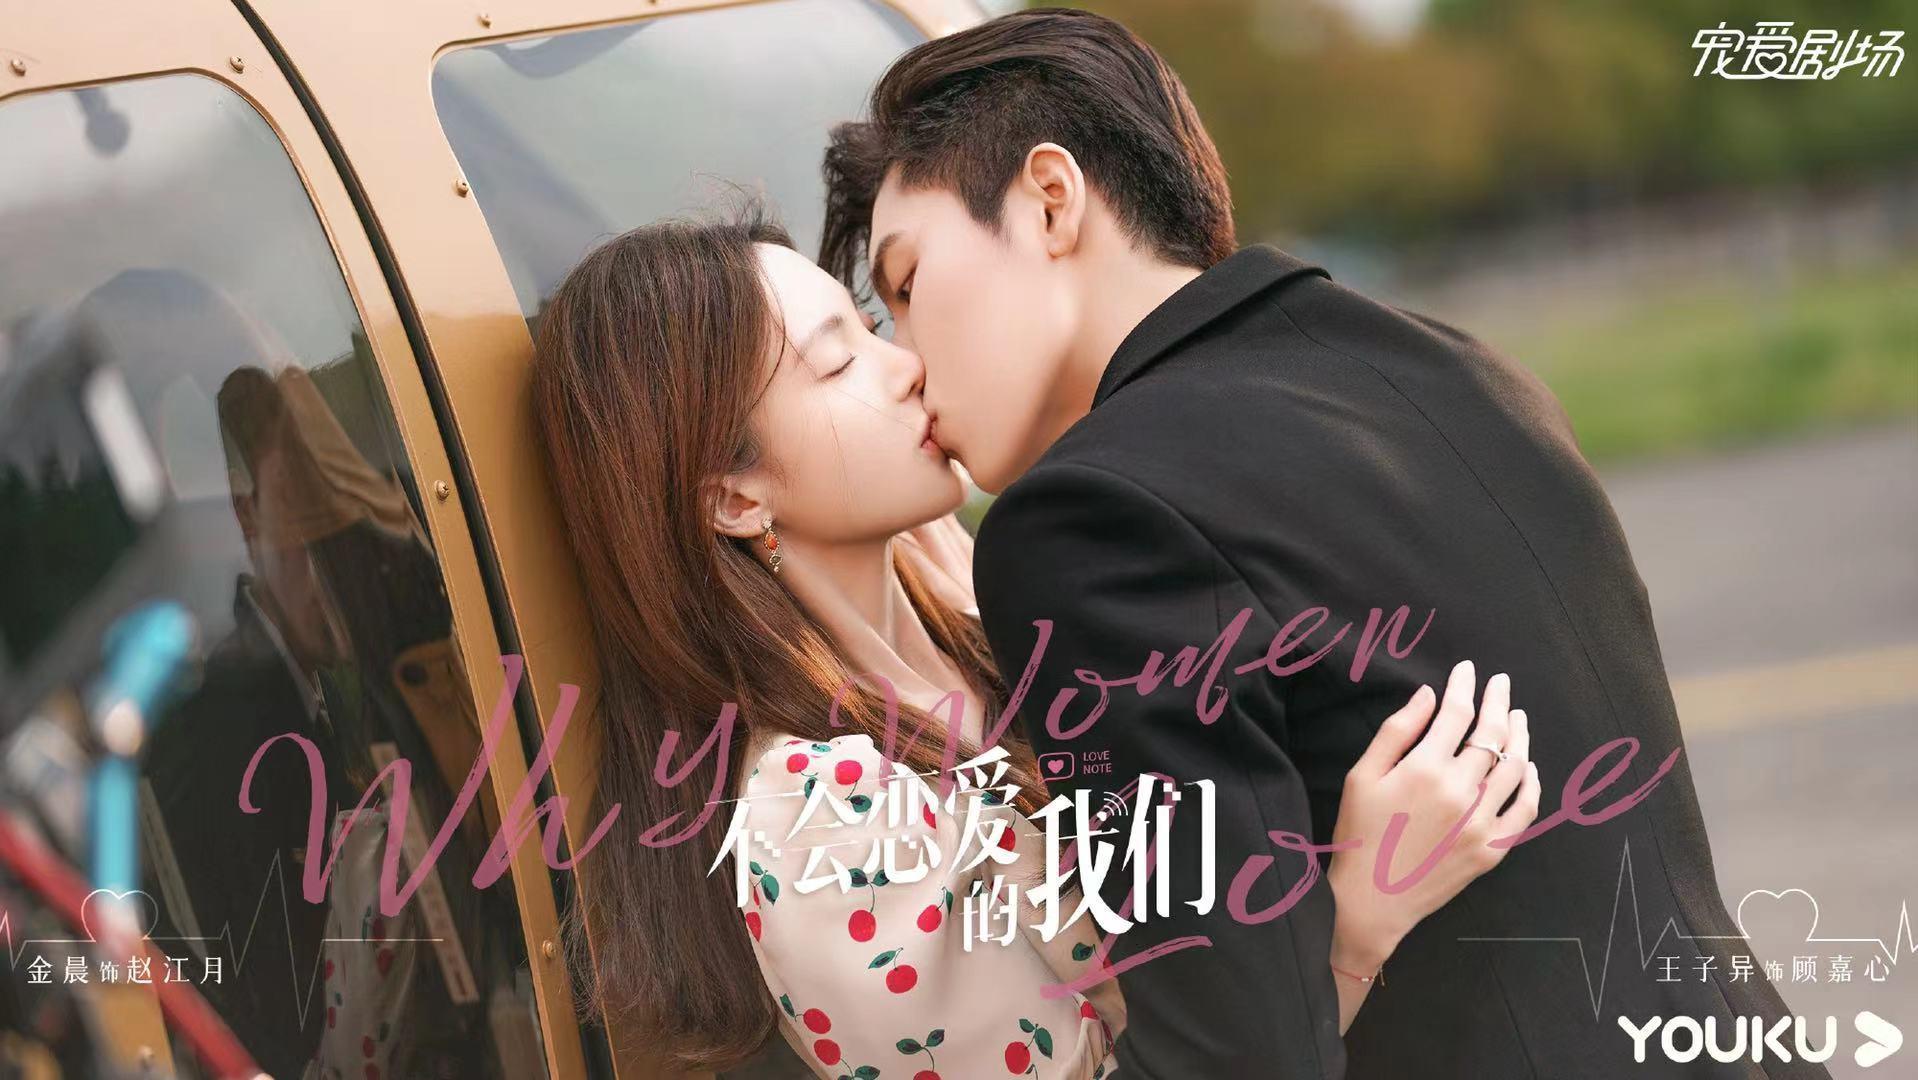 《不会恋爱的我们》全集-电视剧百度云【720高清国语版】下载